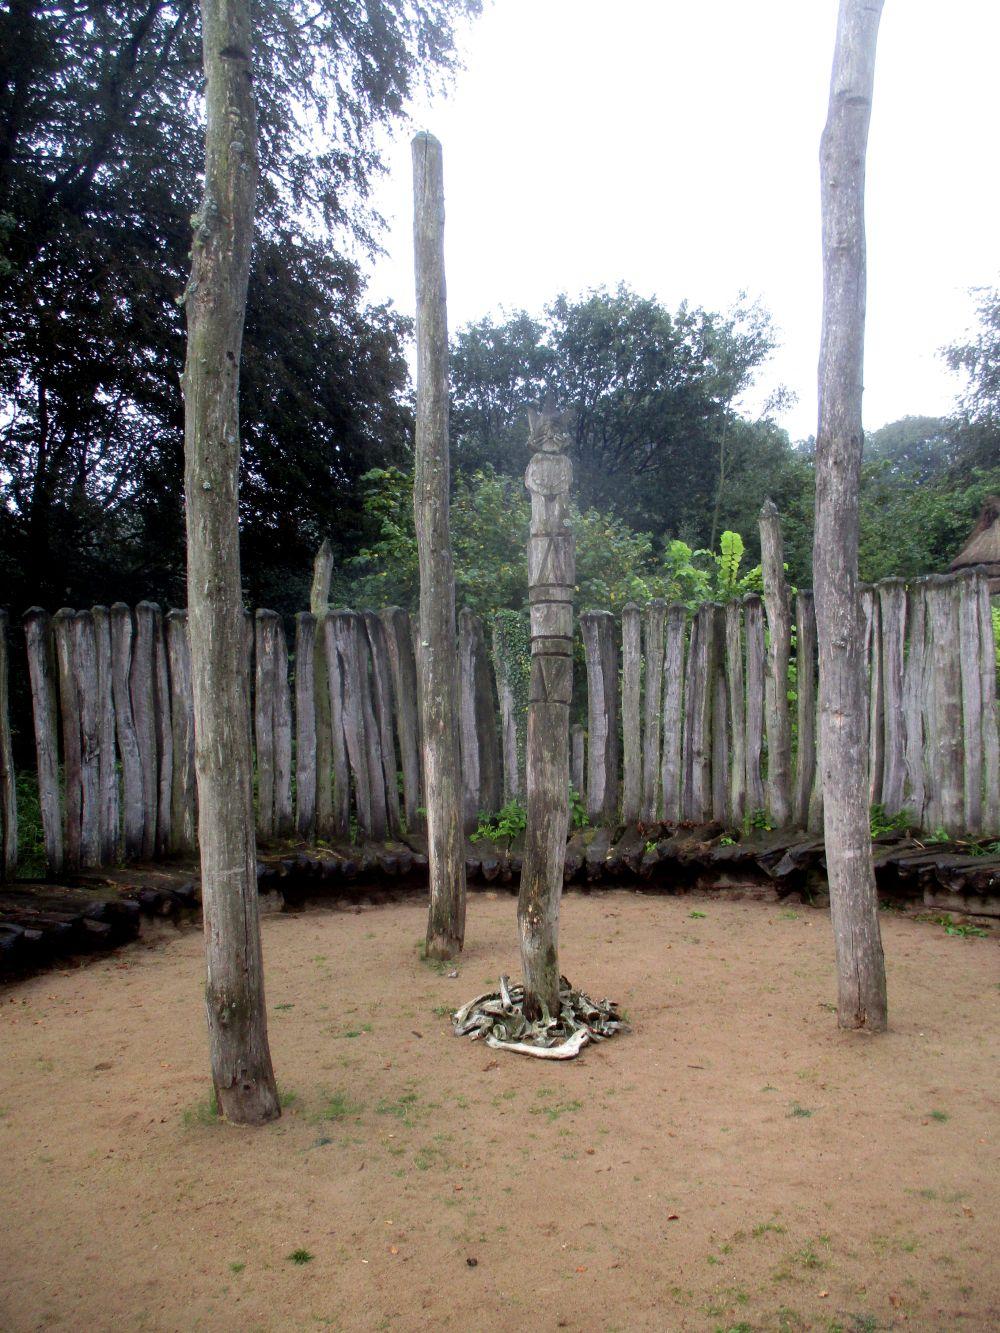 In der Mitte des rekonstruierten Fundplatzes Hunneberget befinden sich drei Pfeiler die in einem Dreieck zueinander stehen, in der Mitte davon befindet sich eine Figur. Ein Holzpfosten der in die Erde Gerammt ist, und an dessen Kopfende eine Katzenfigur hineingeschnitzt wurde. Am Fusse dieser Figur liegen eineige Knochen als Opfergaben.